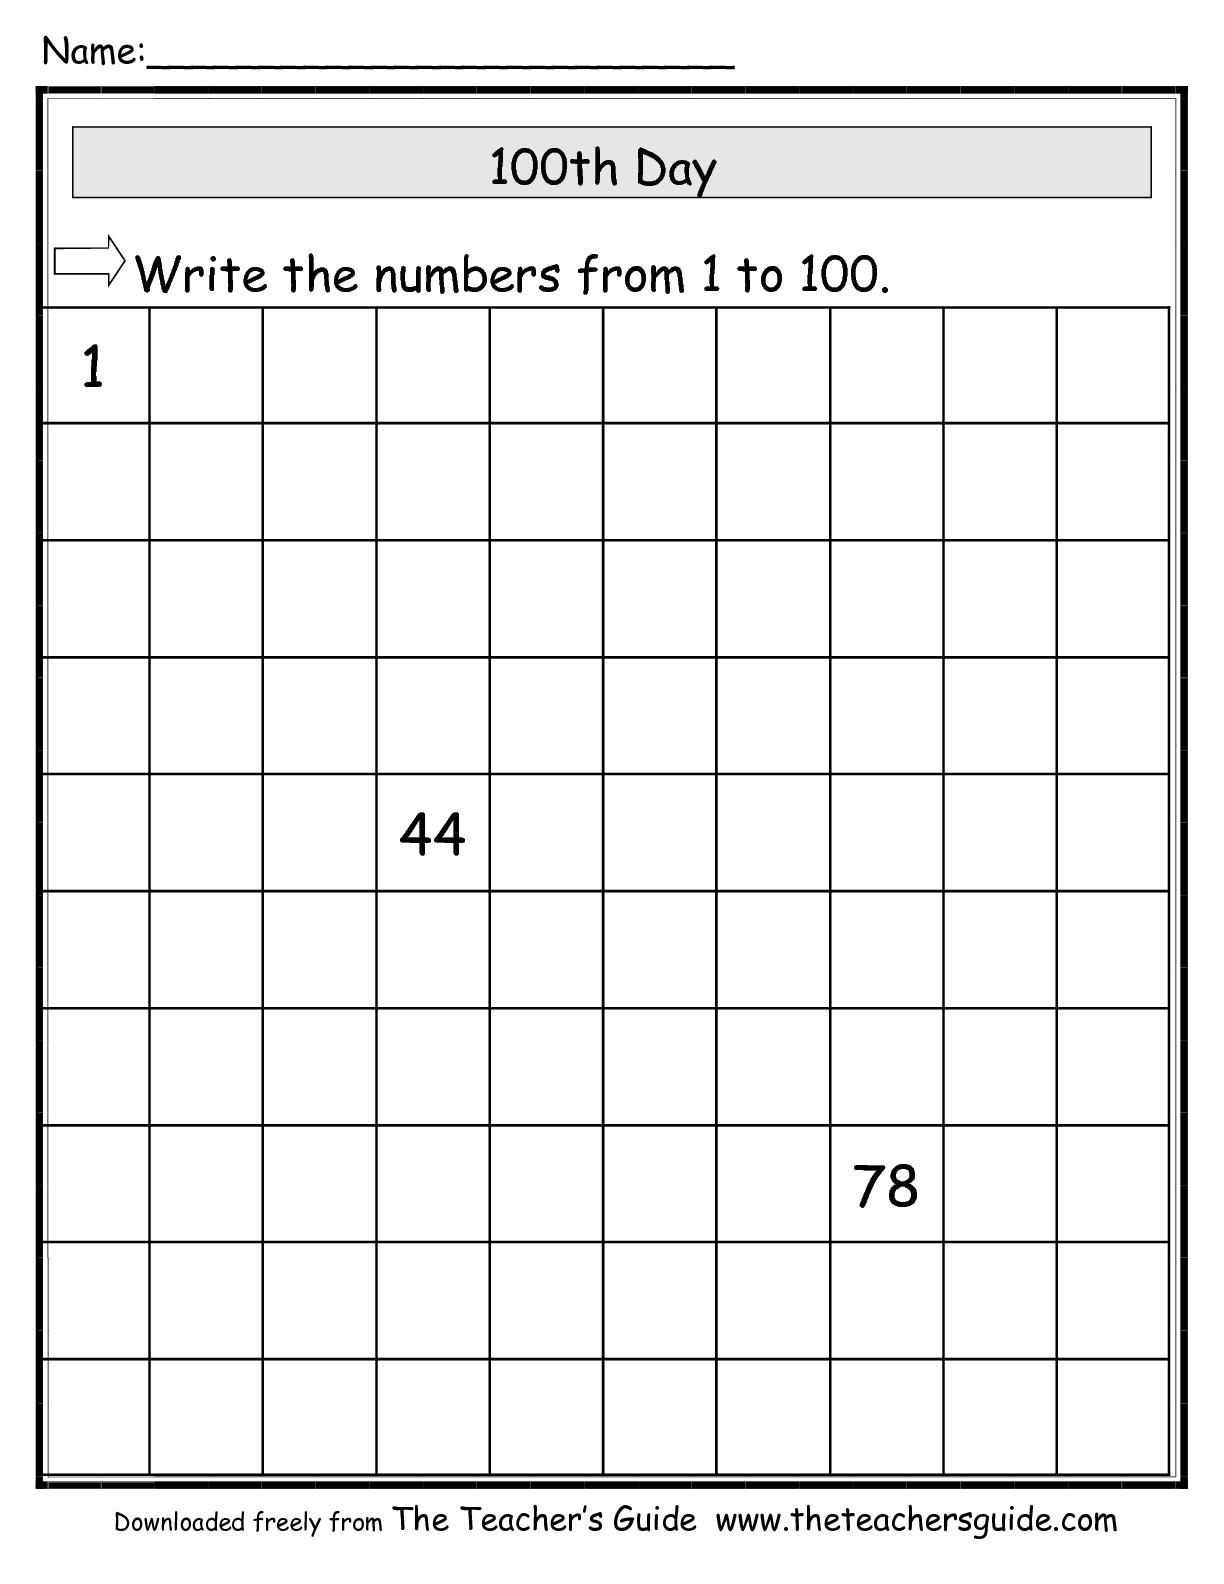 15 Best Images Of Fill Missing Number Worksheets